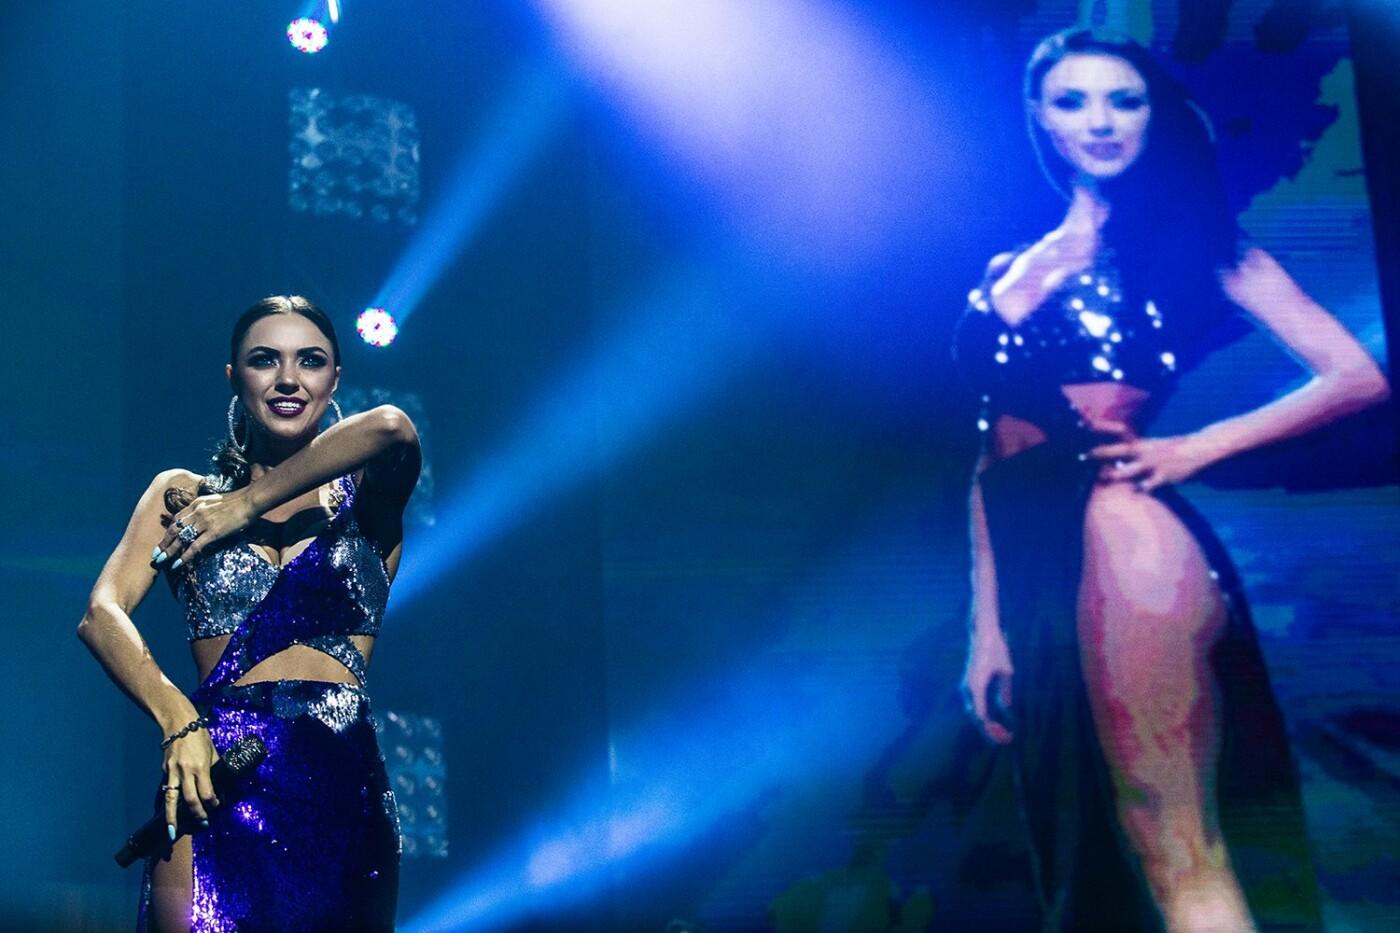 Аншлаг, фейерверки и признание в любви: в Киеве прошел единственный концерт группы НЕАНГЕЛЫ, фото-4